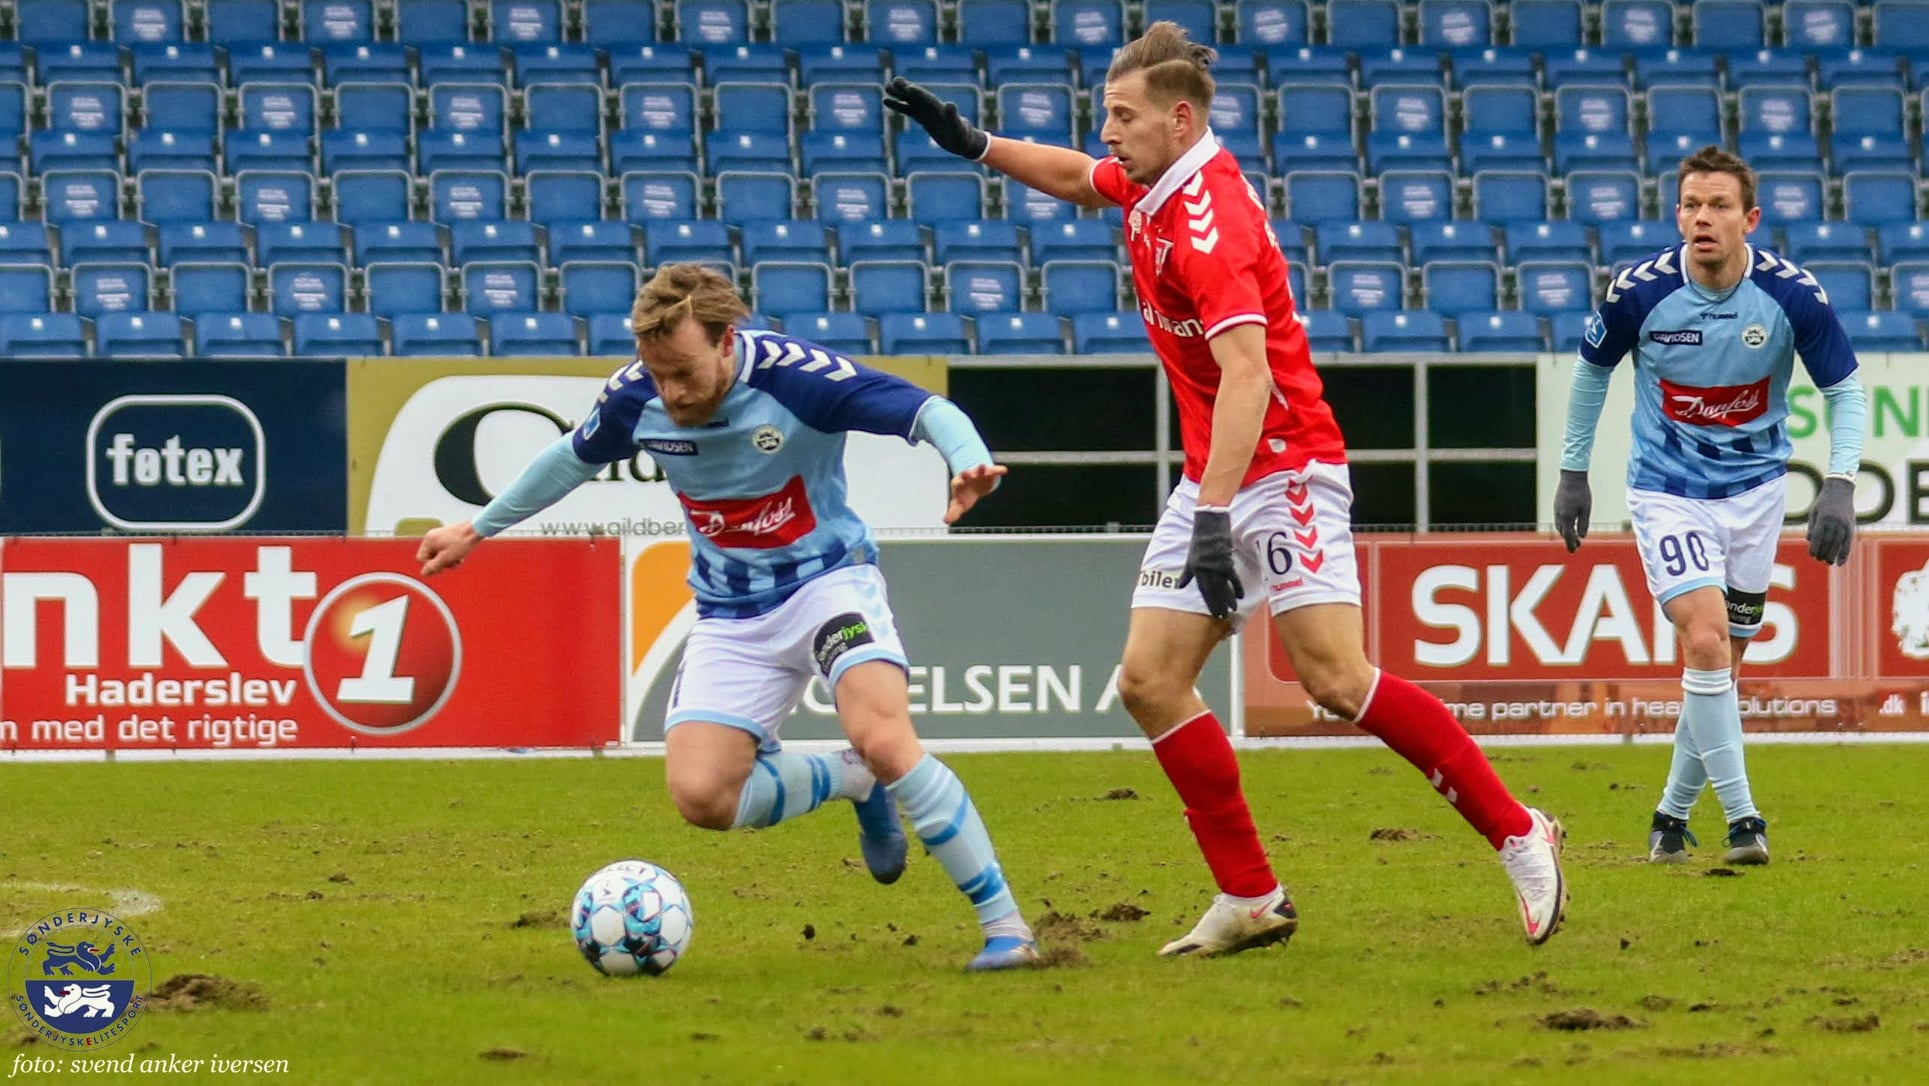 Bård Finne scorede sit første mål for SønderjyskE Foto: Svend Anker Iversen